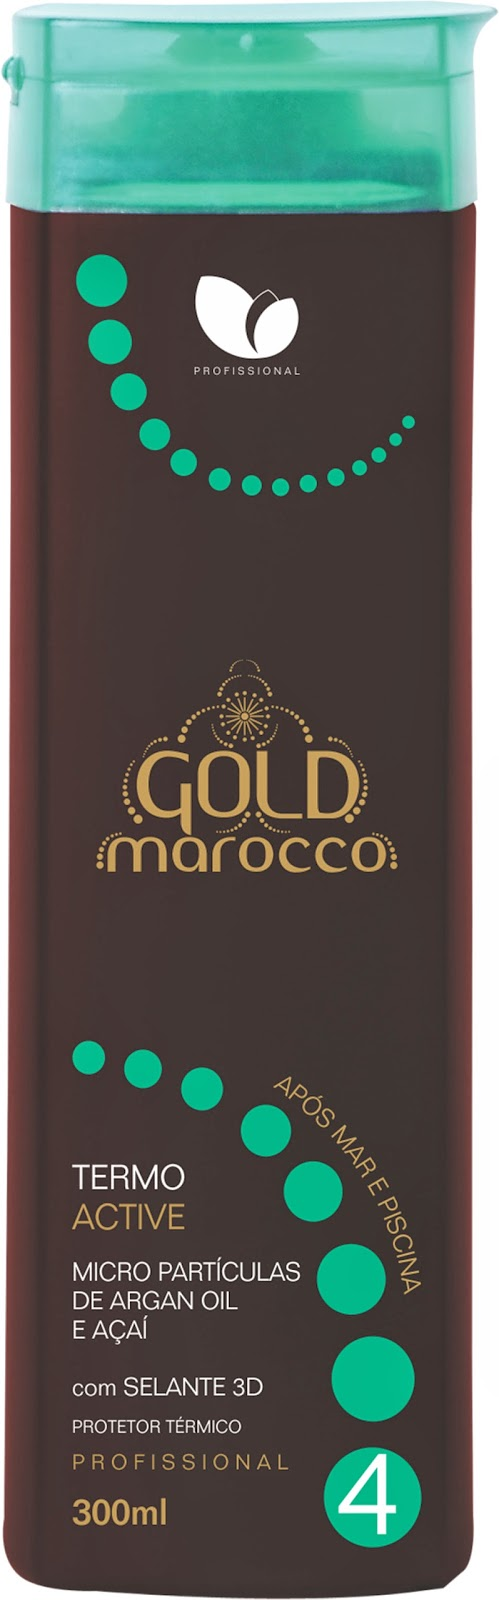 Termo Active Gold Marroco Manga Rosa